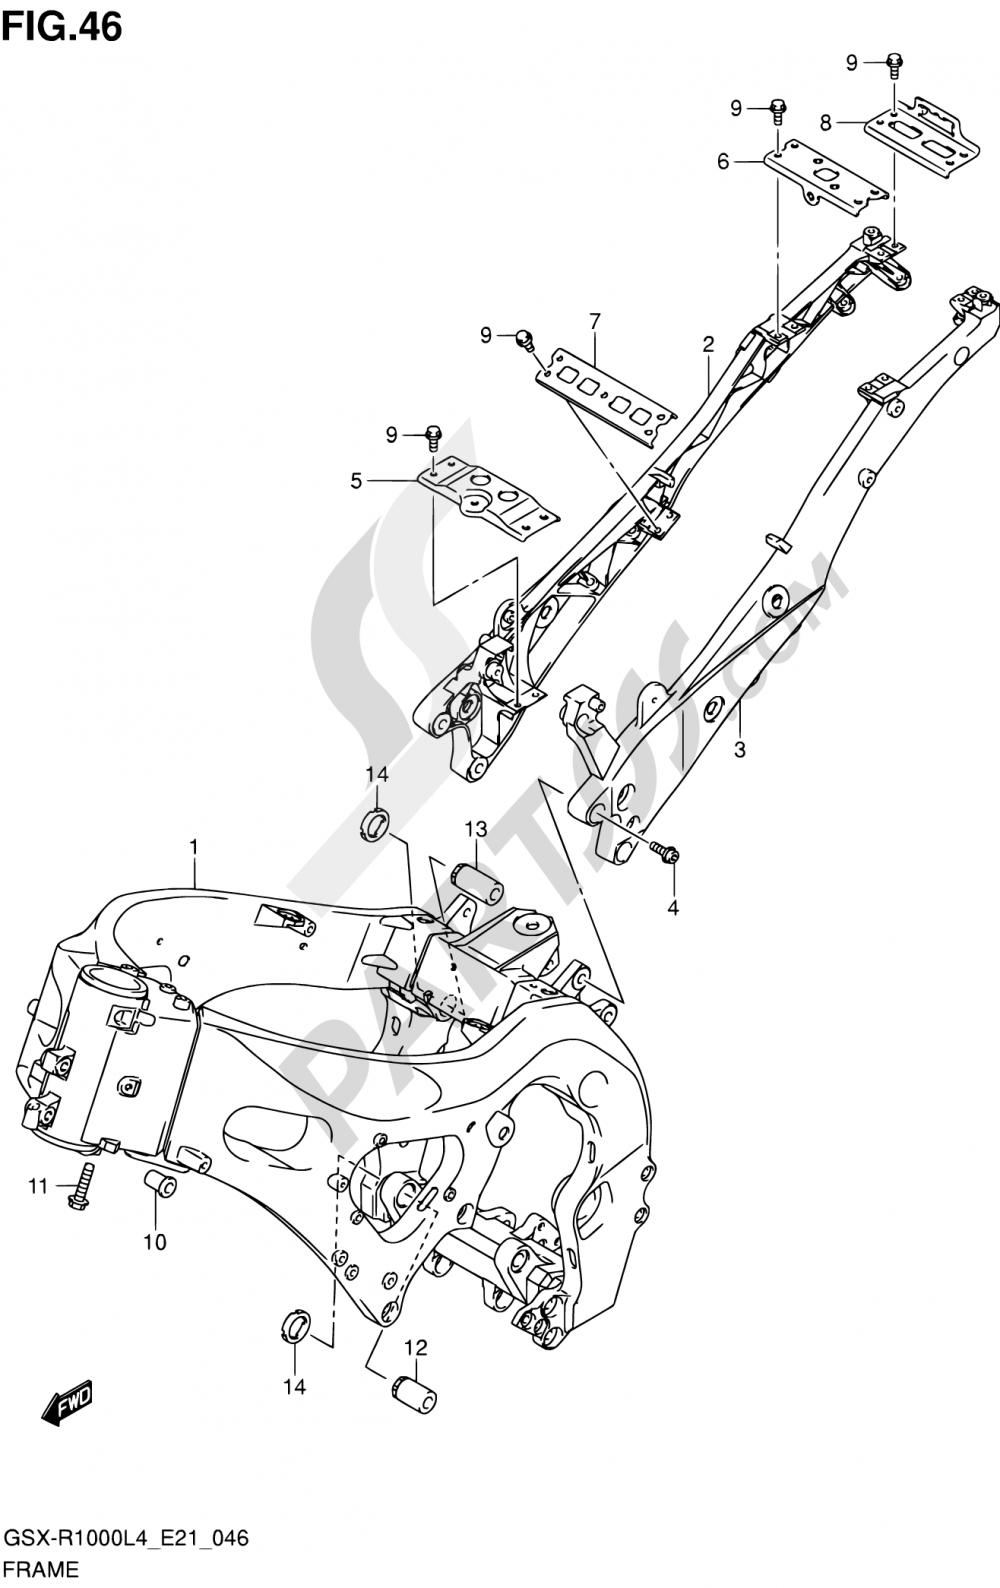 46 - FRAME Suzuki GSX-R1000 2014